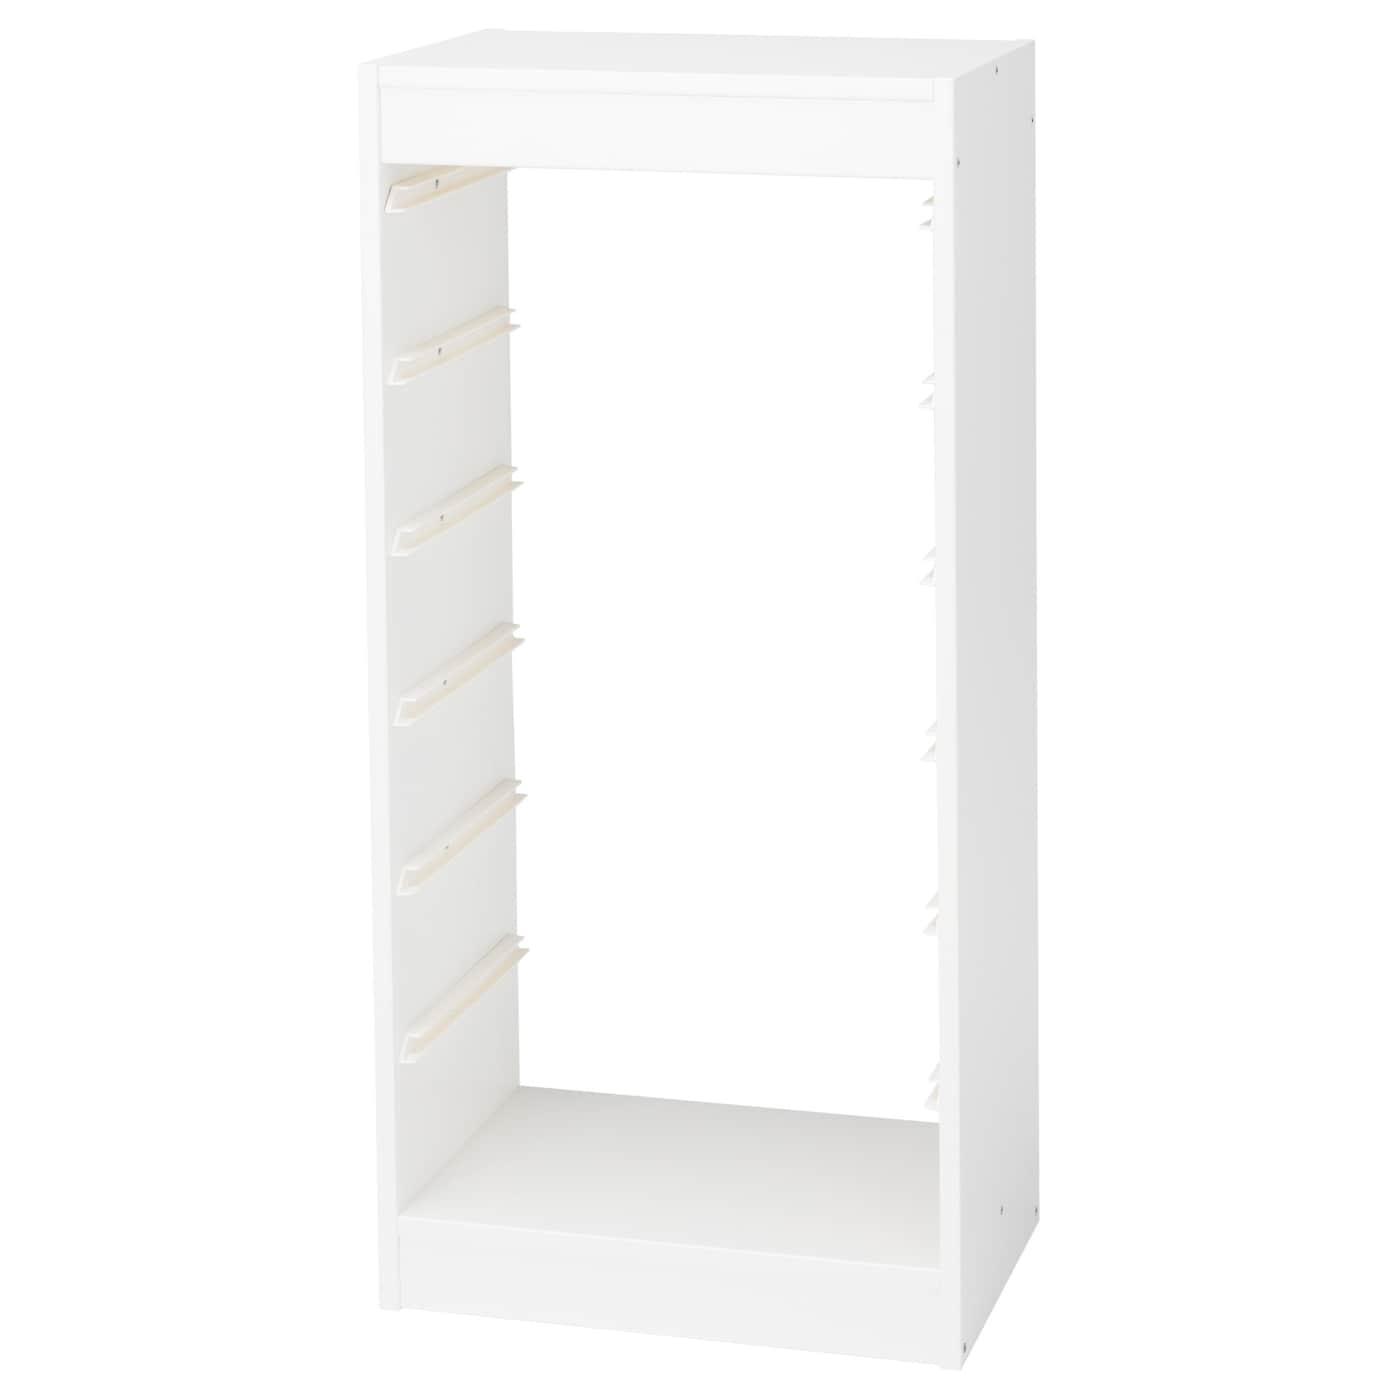 Tolle Medizinschrank Rahmen Kit Galerie - Benutzerdefinierte ...